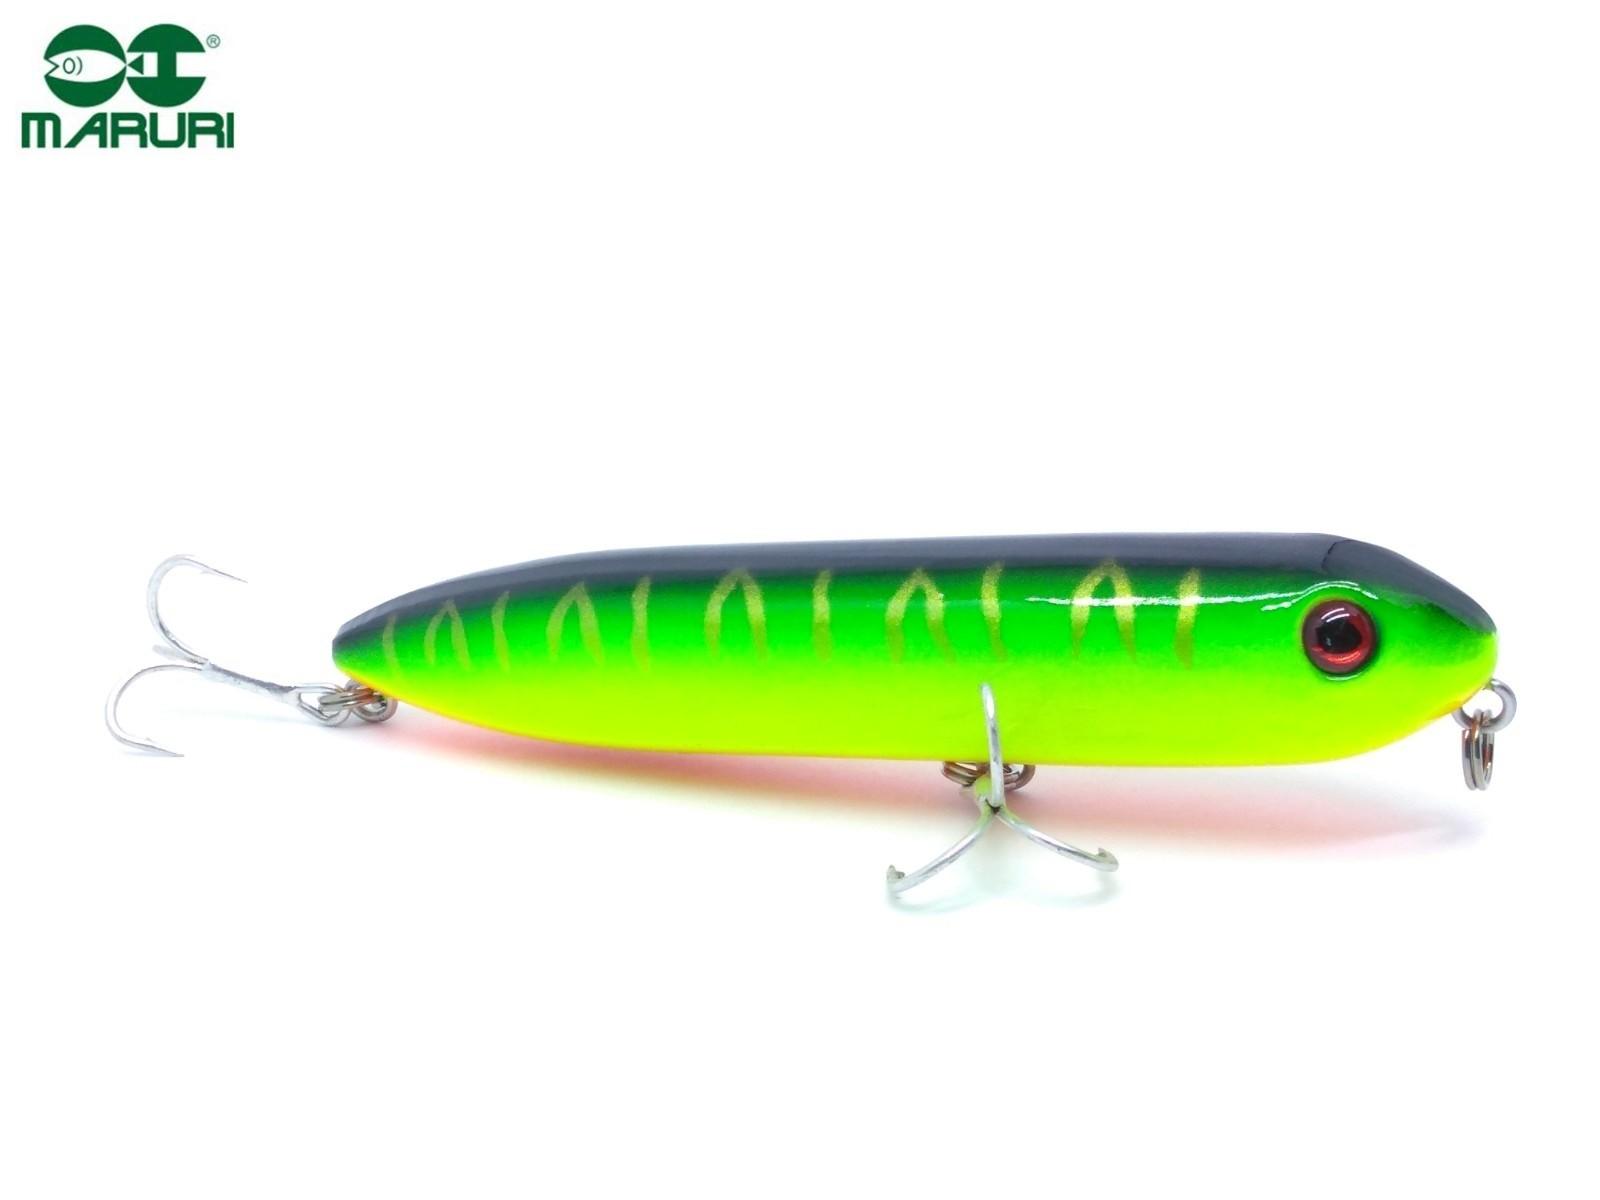 Isca Artificial Maruri - Mustang - 11cm 16gr Várias Cores  - Life Pesca - Sua loja de Pesca, Camping e Lazer